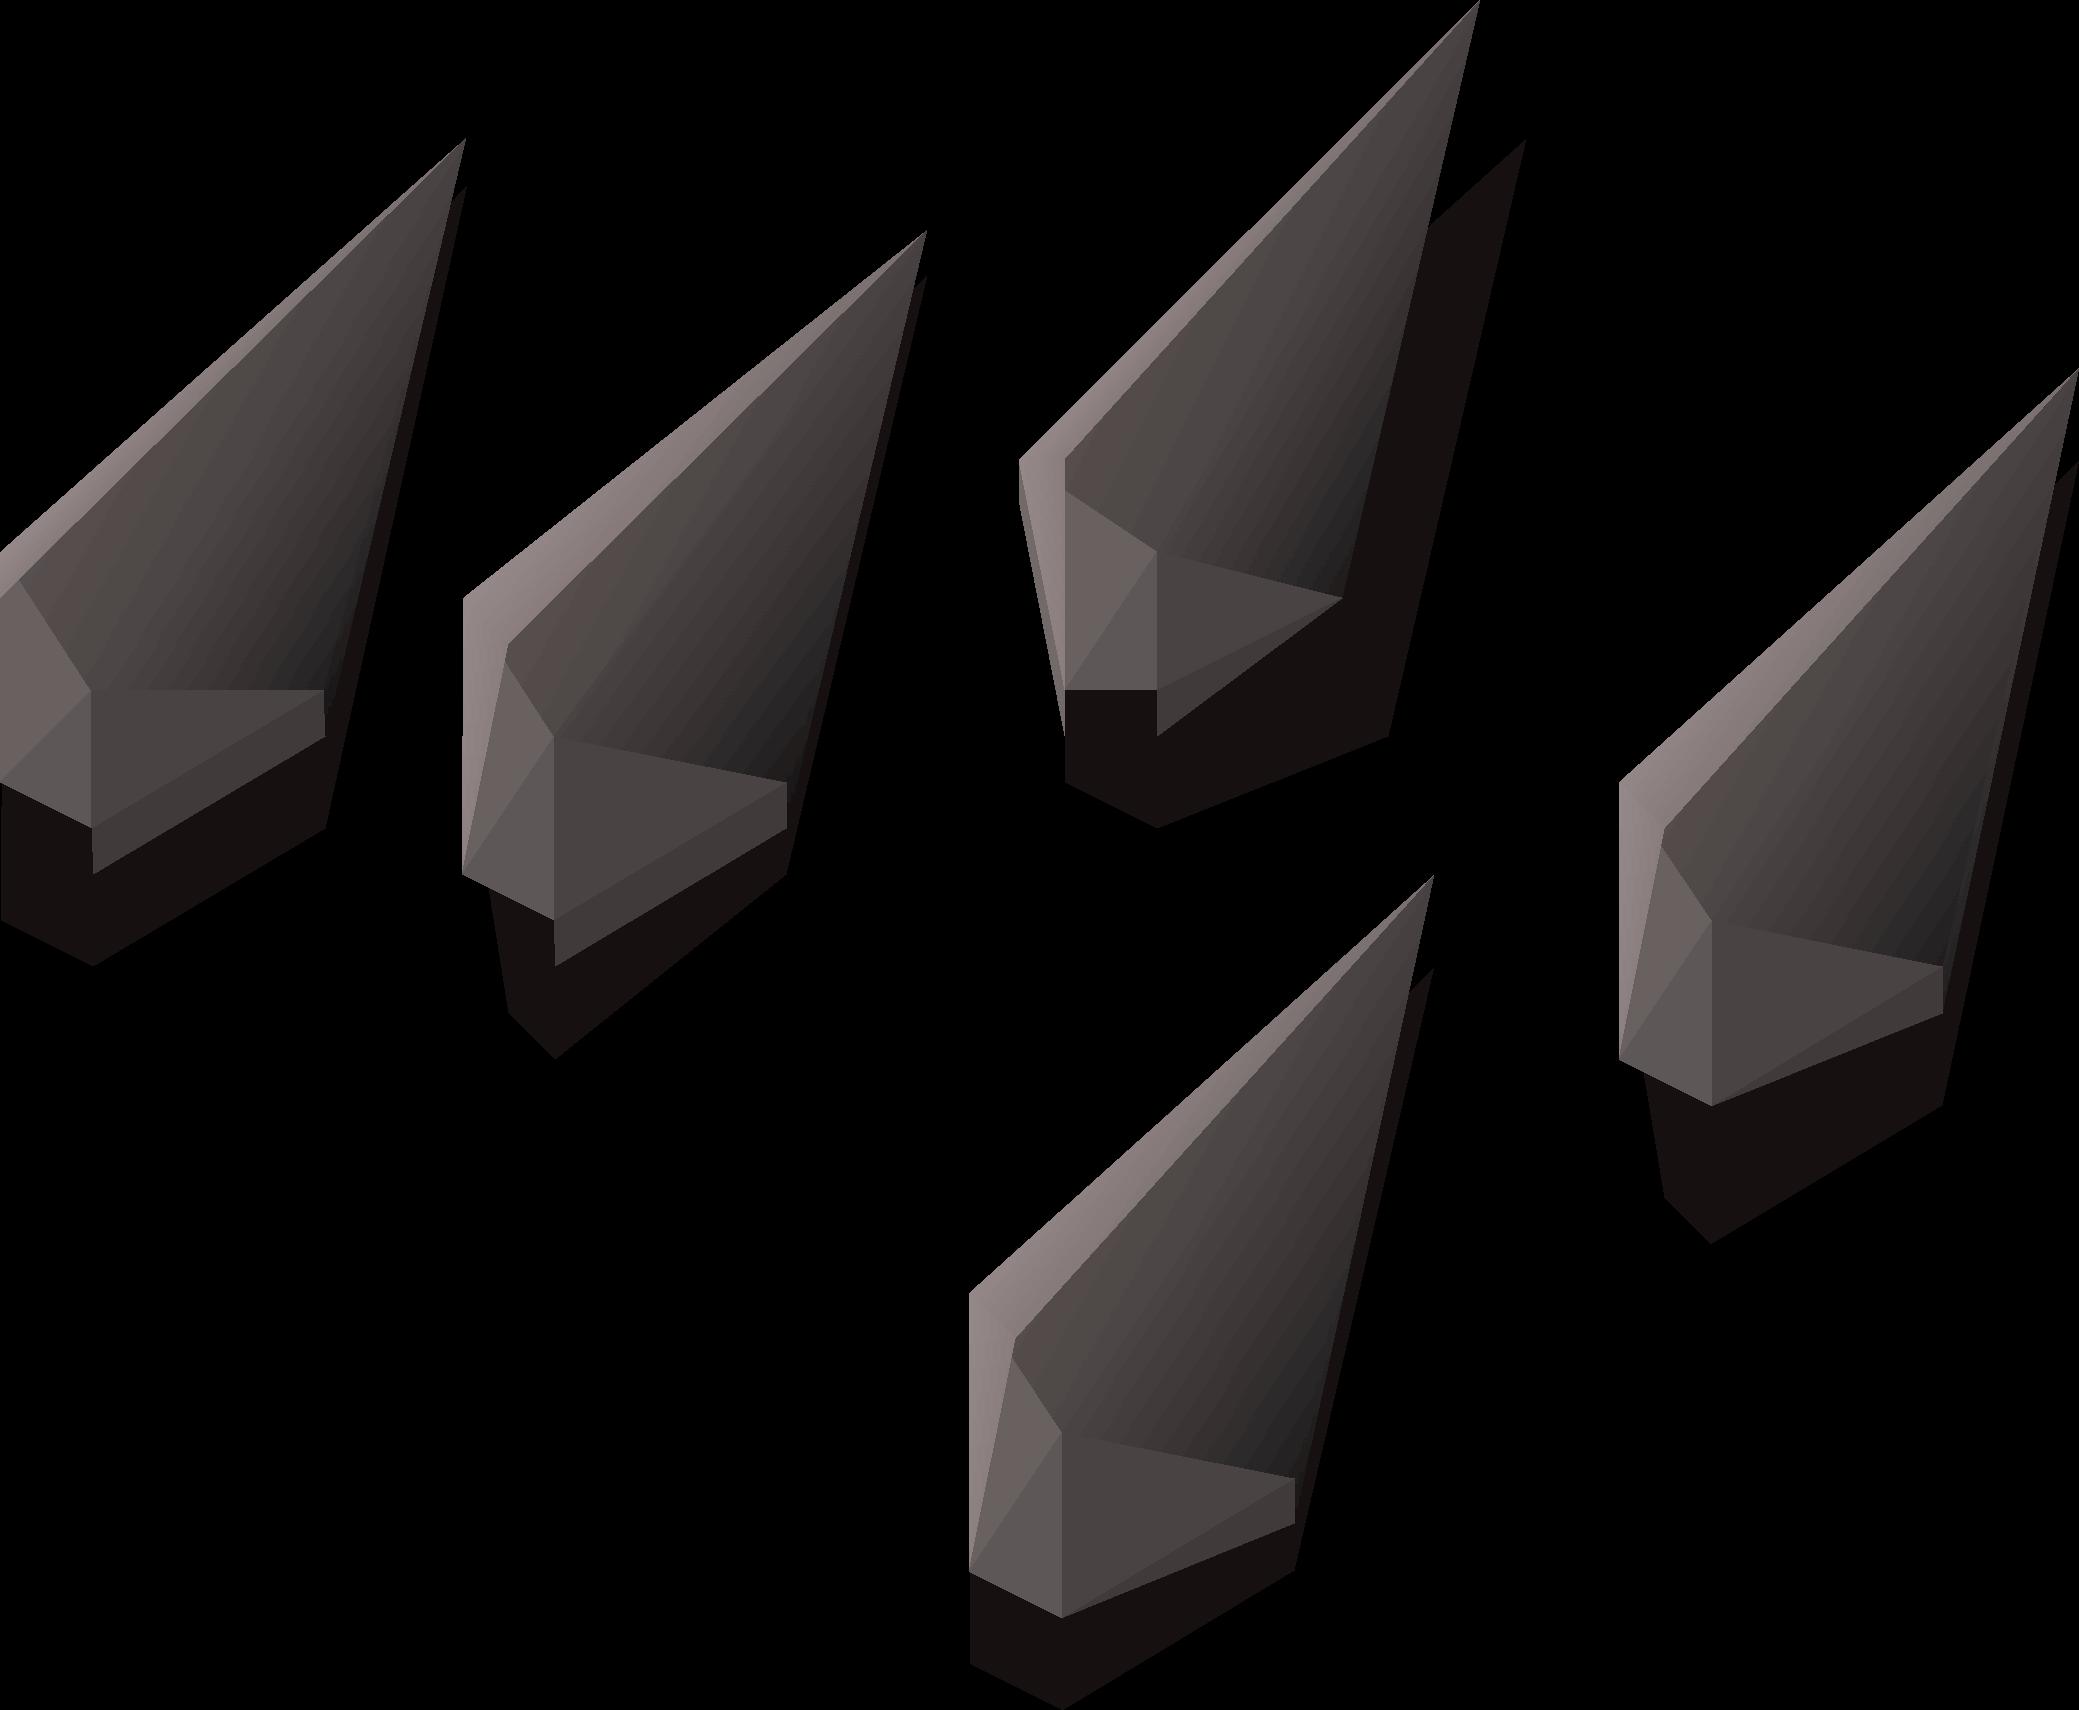 Iron arrowtips